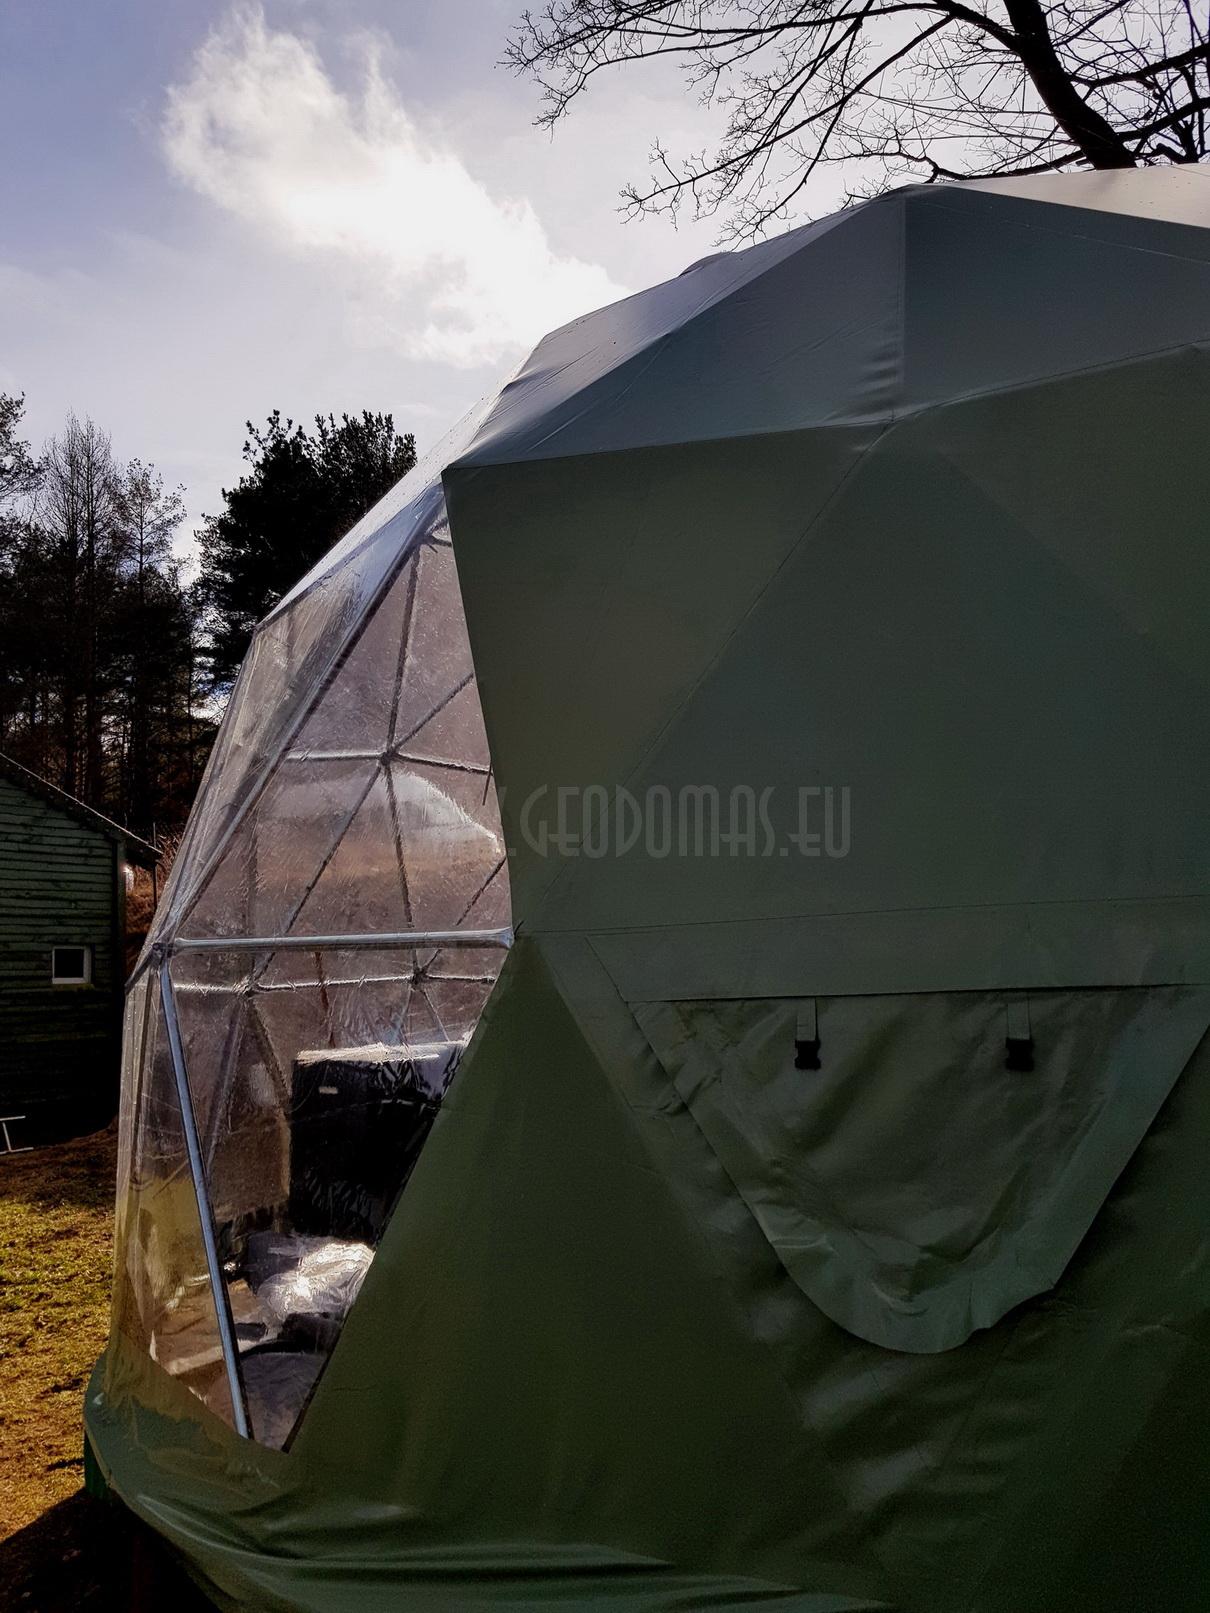 Namiot Kempingowy 25m2 Ø5m F3 | Poland, Olsztyn